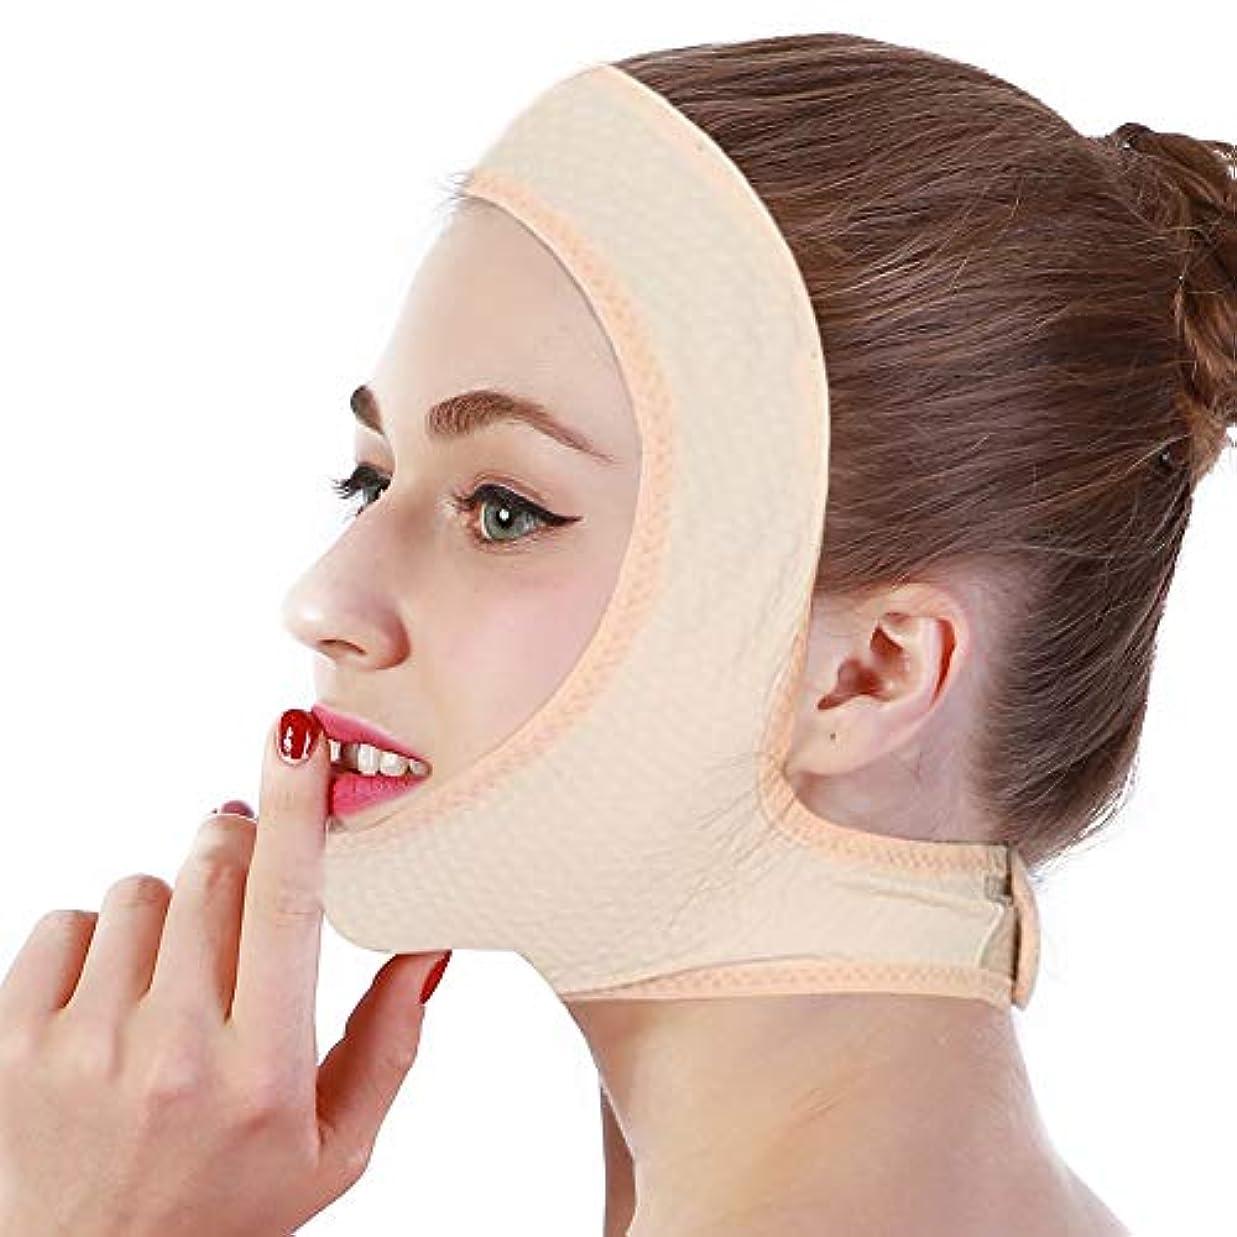 軌道市の花群衆フェイスマッサージ肌の色フェイスリフティングマスク薄いあご矯正ツール顔の輪郭調整包帯